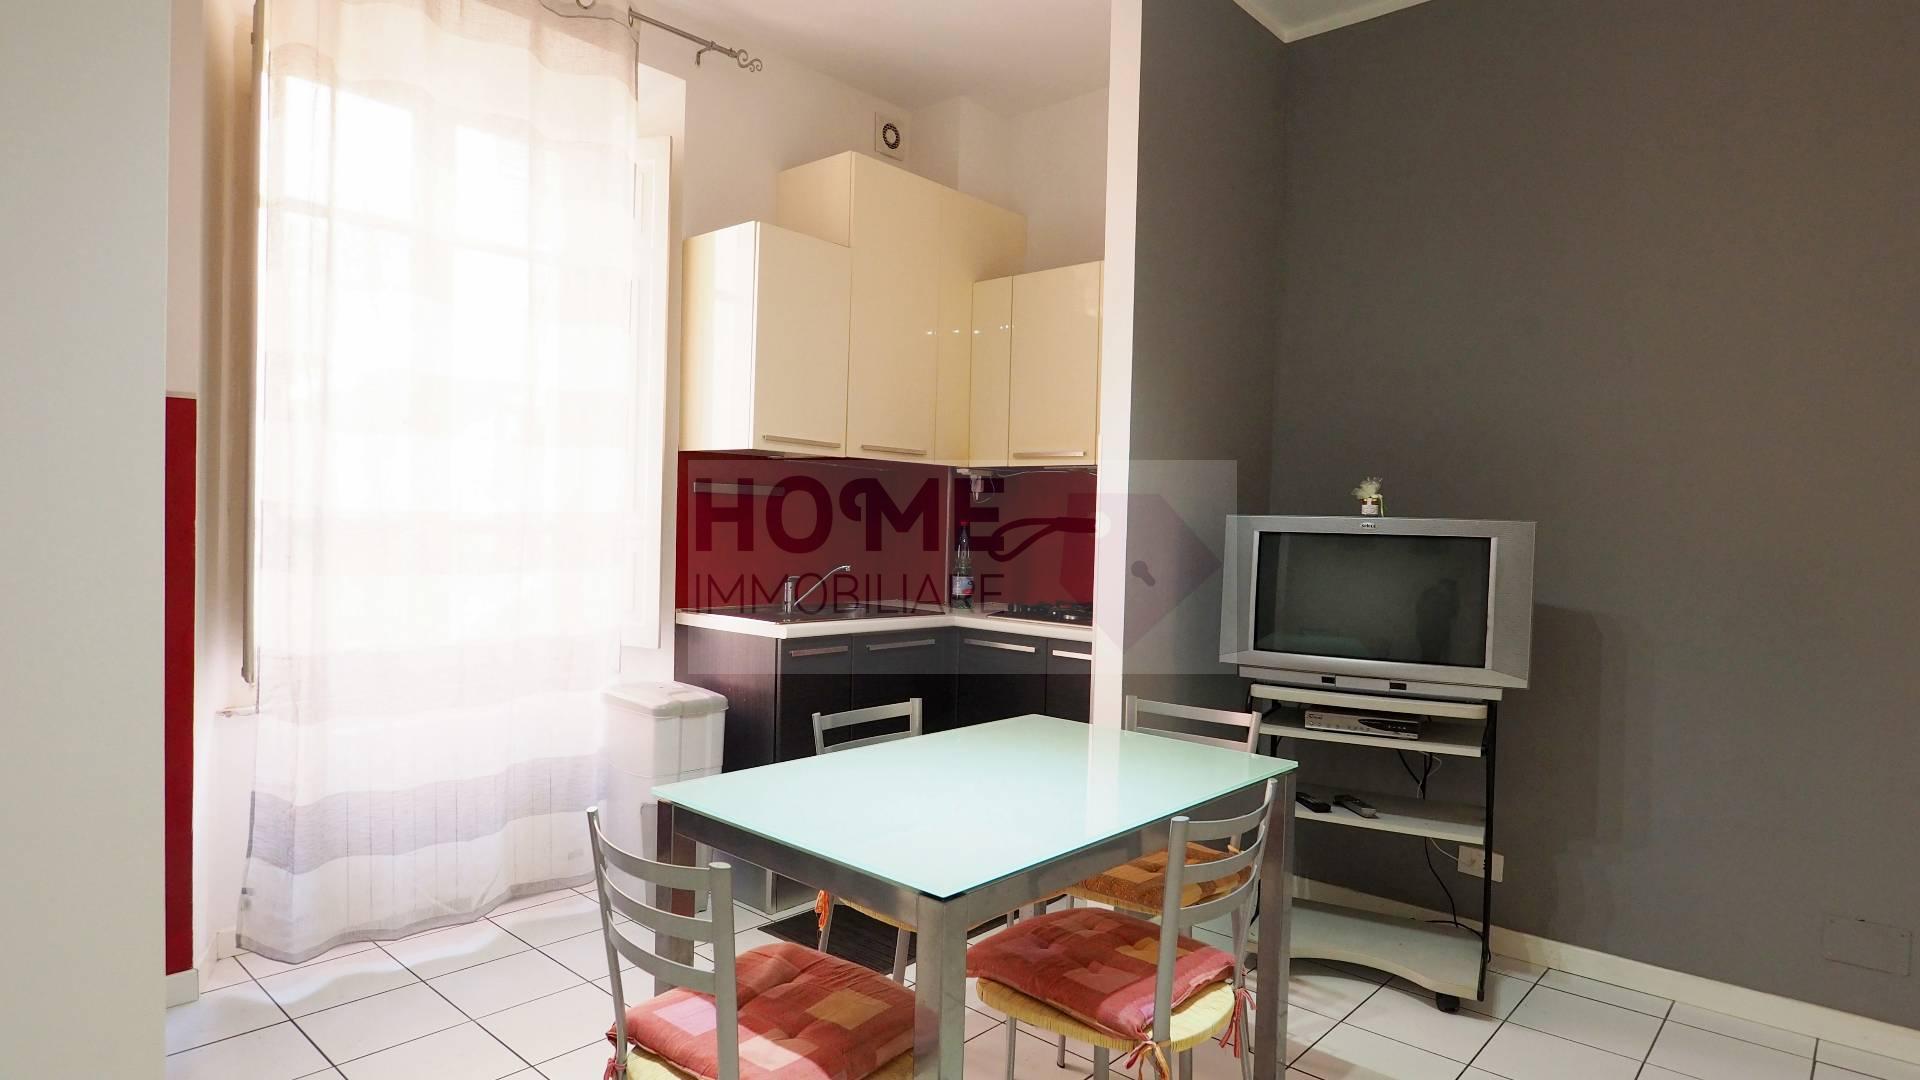 macerata vendita quart: zona corso cavour home-immobiliare-srl